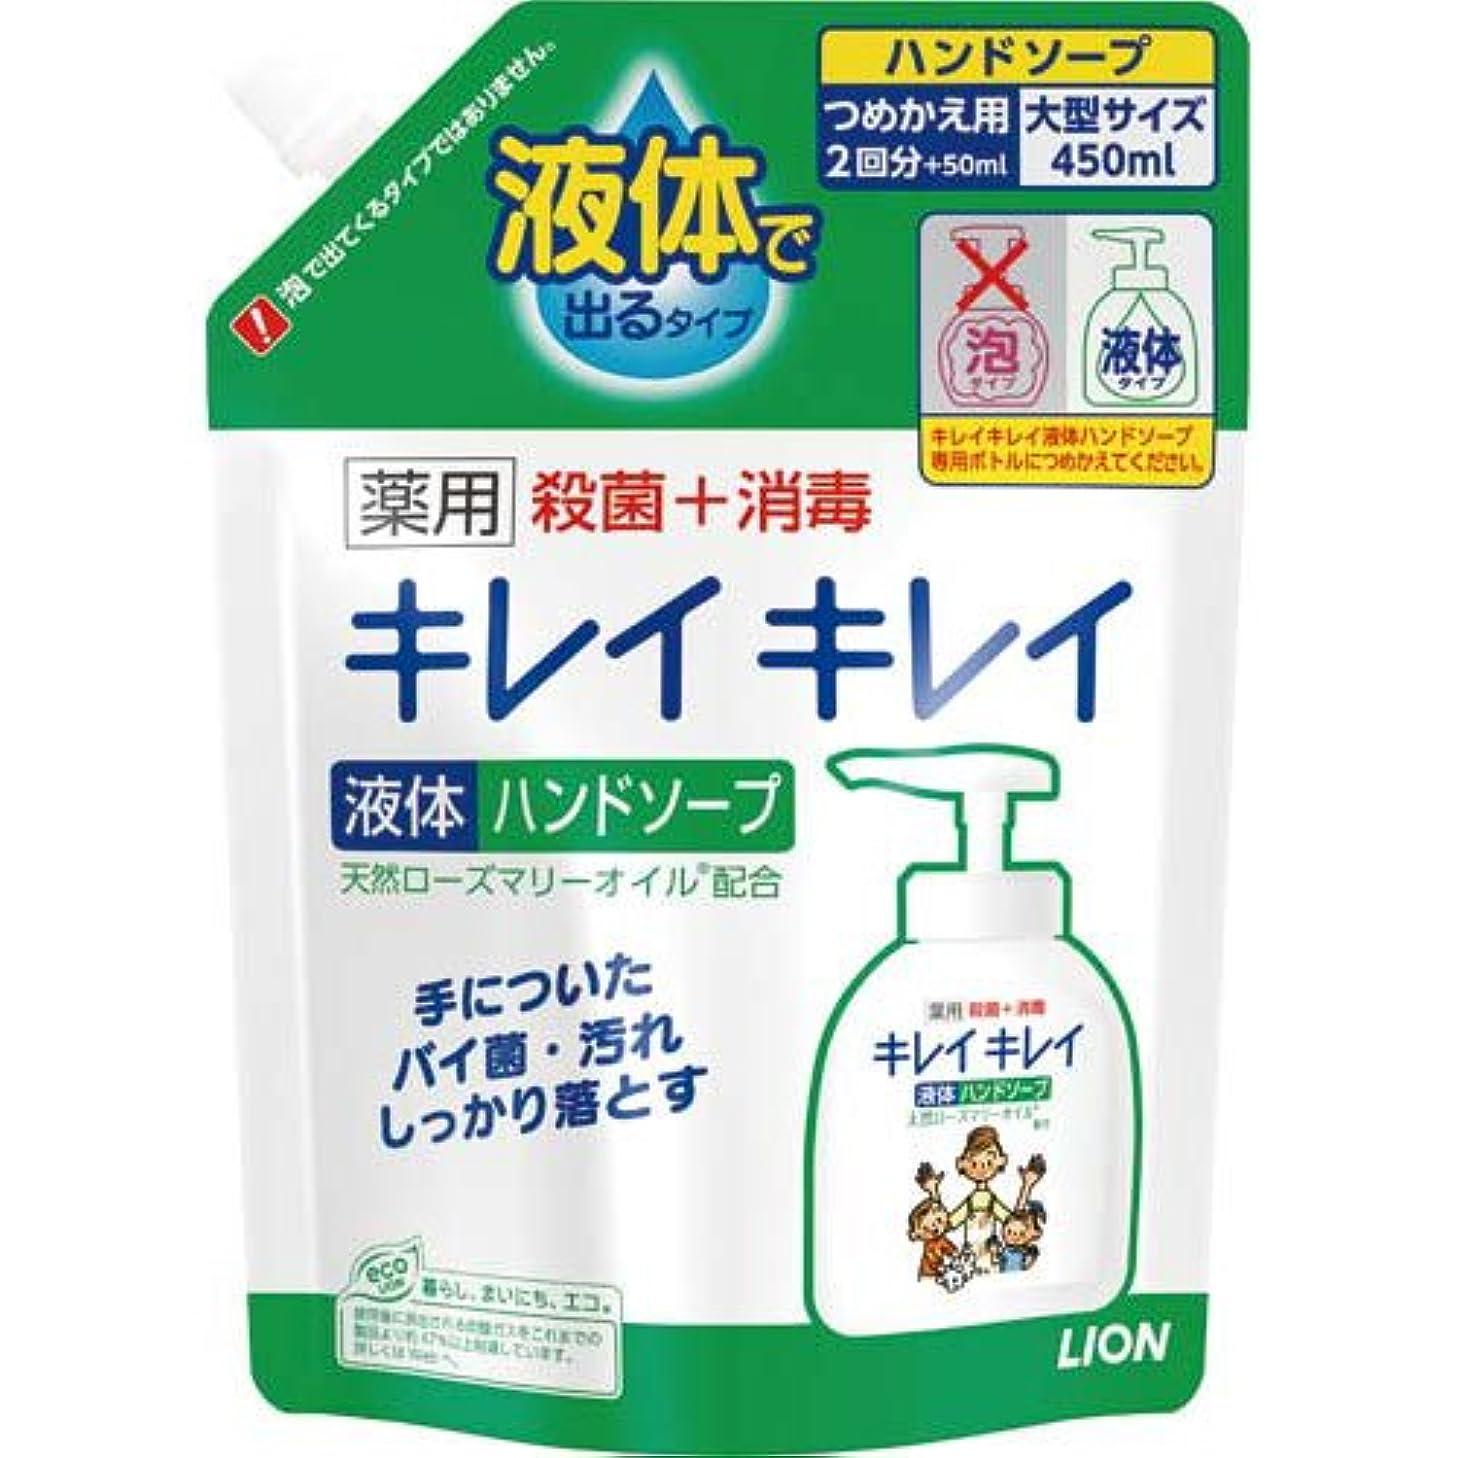 マーベル移植もつれライオン キレイキレイ薬用ハンドソープ 詰替用450ml×4